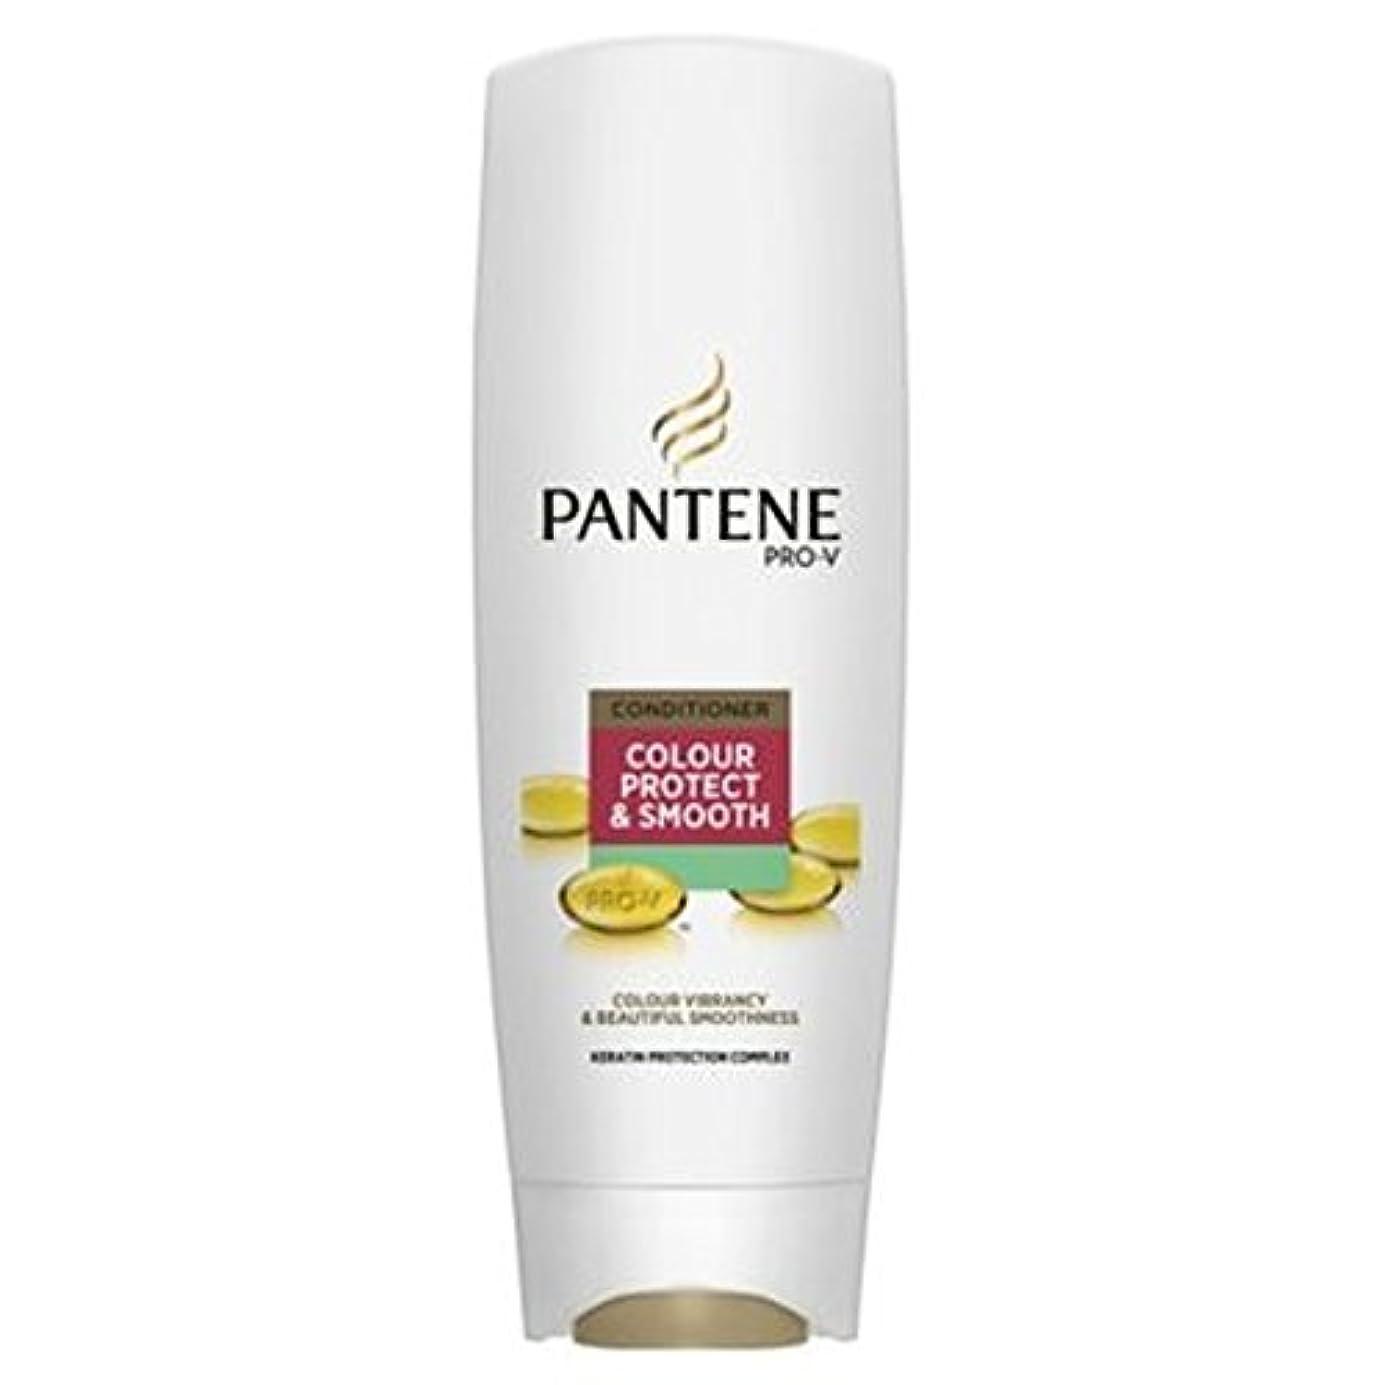 ポルティコ建てる傷つけるPantene Pro-V Colour Protect & Smooth Conditioner 360ml - パンテーンプロVの色保護&スムーズコンディショナー360ミリリットル (Pantene) [並行輸入品]